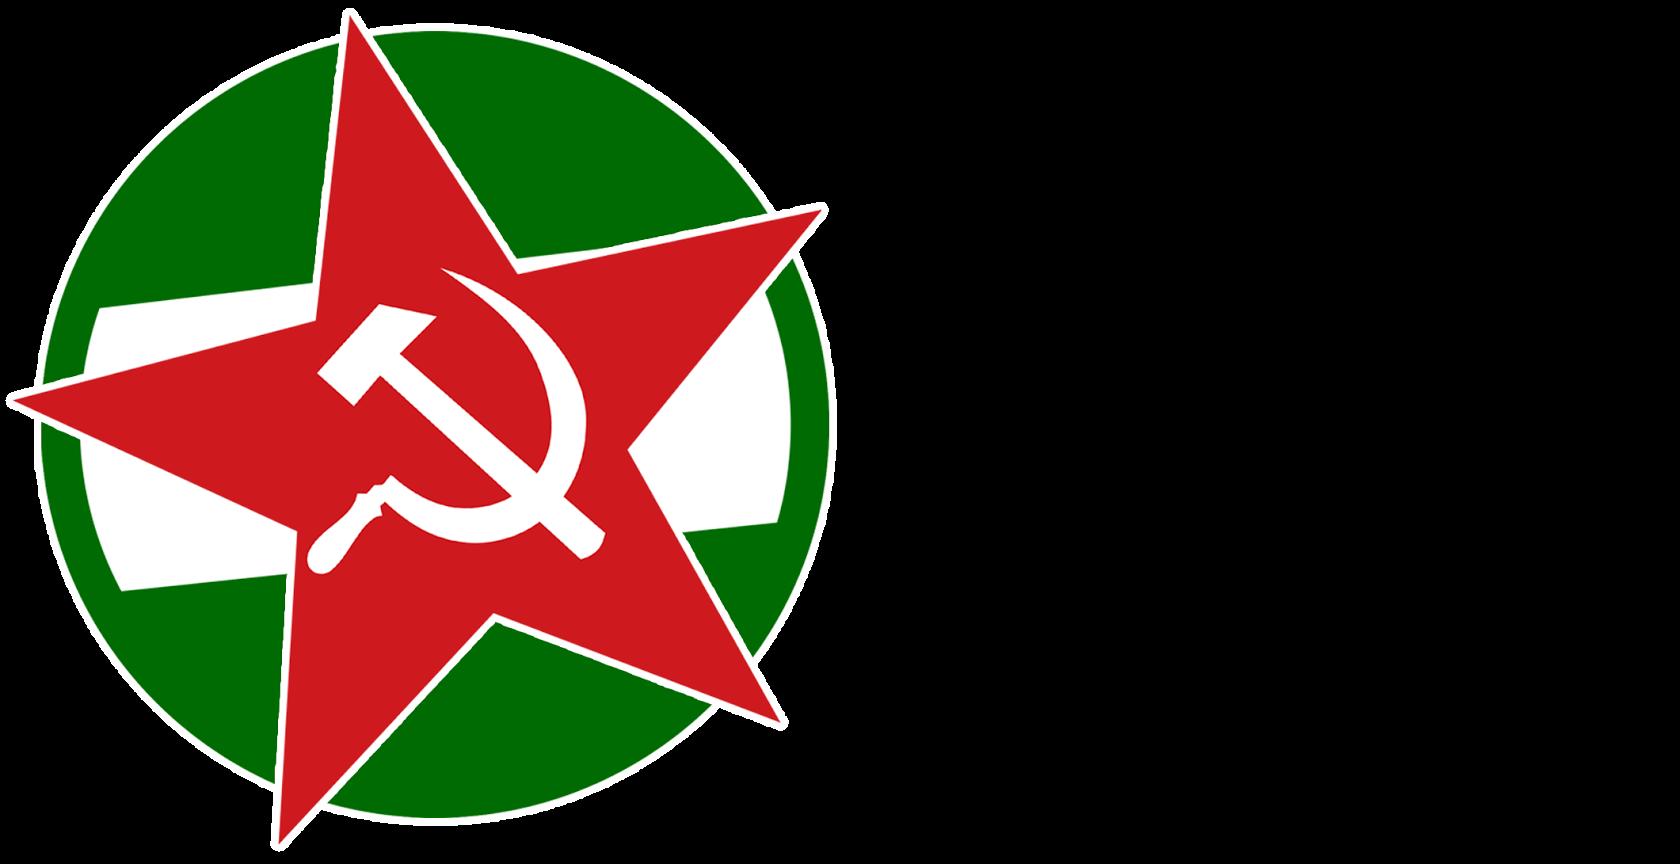 Andalucía Comunista